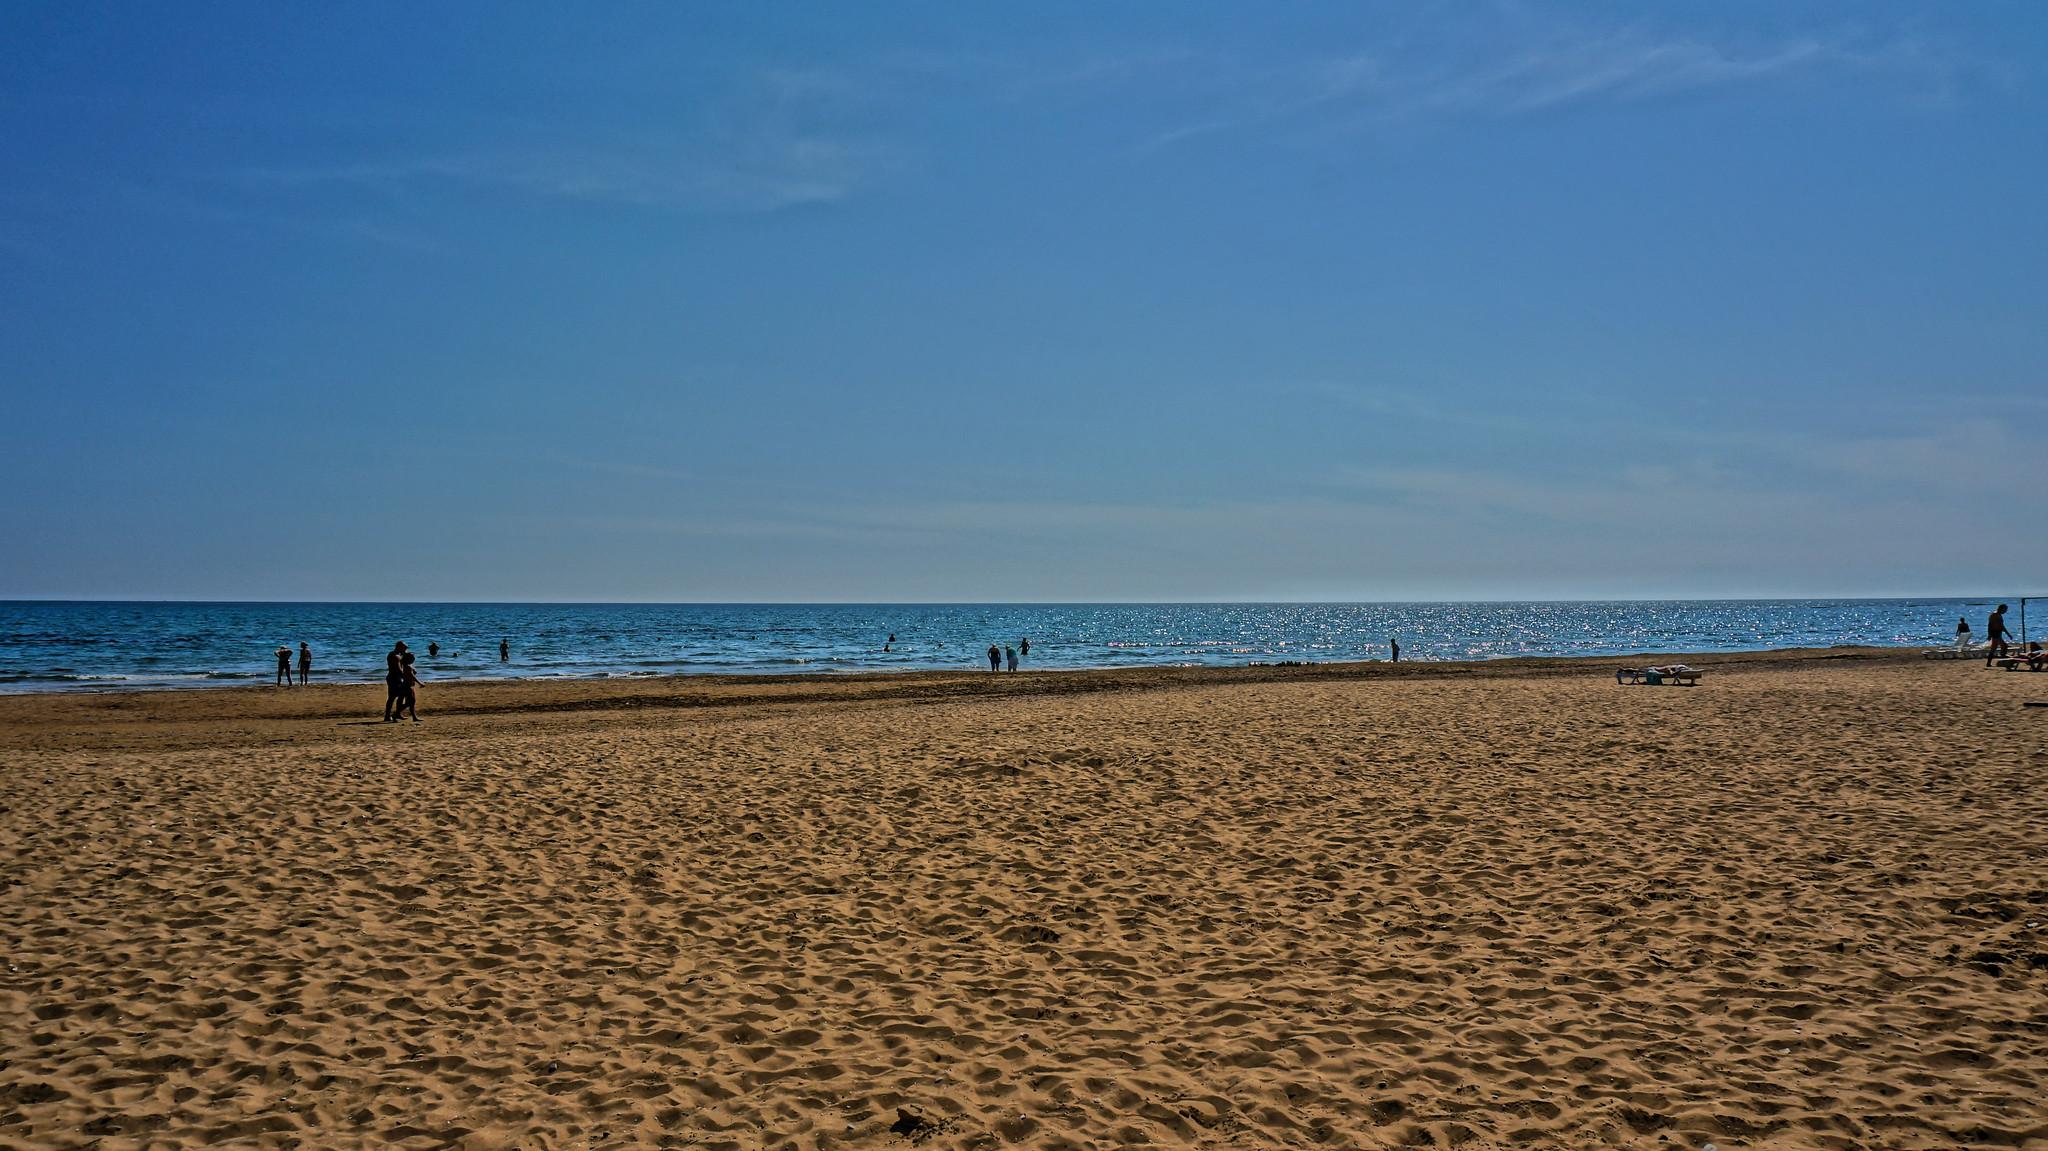 Beach in Turkey - The Best Budget Beach Destinations